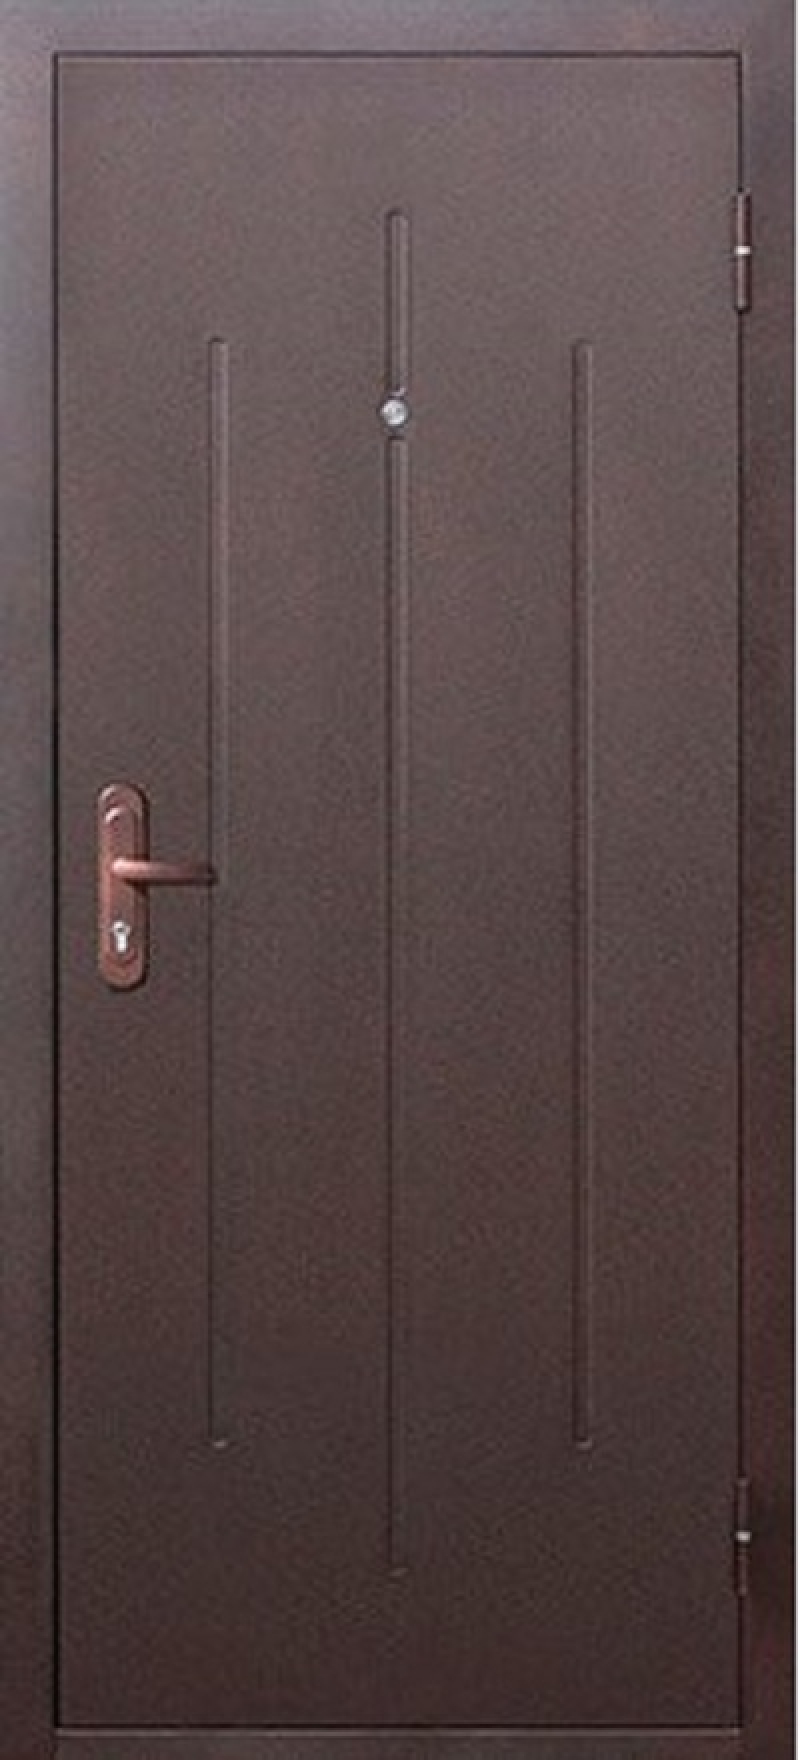 Входная дверь Tarimus Group 5-1 металл